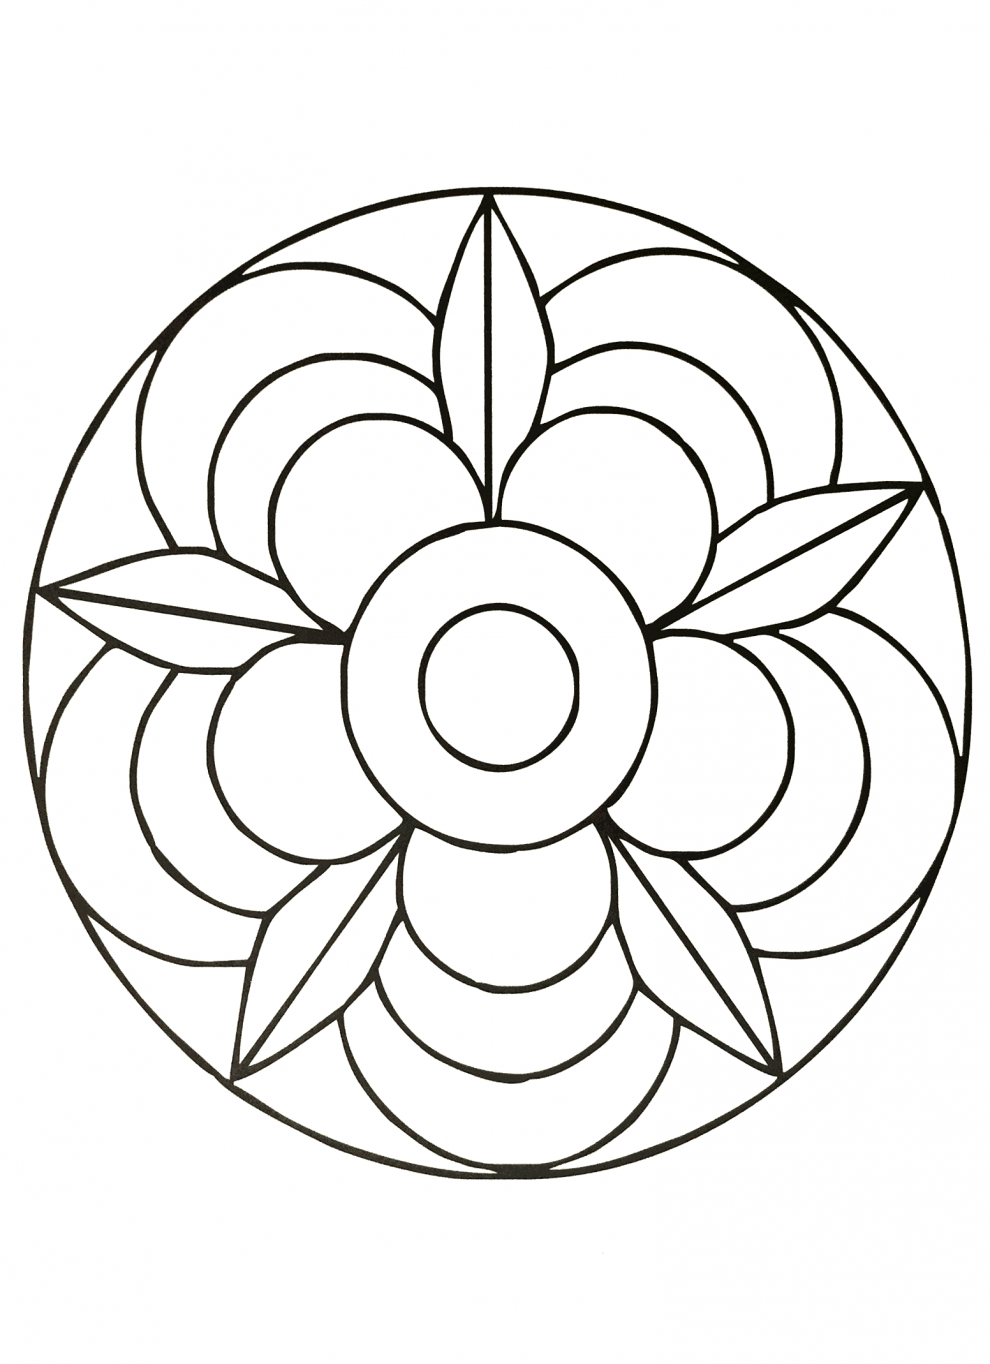 Mandalas Guía Con Imágenes De Mándalas Para Colorear